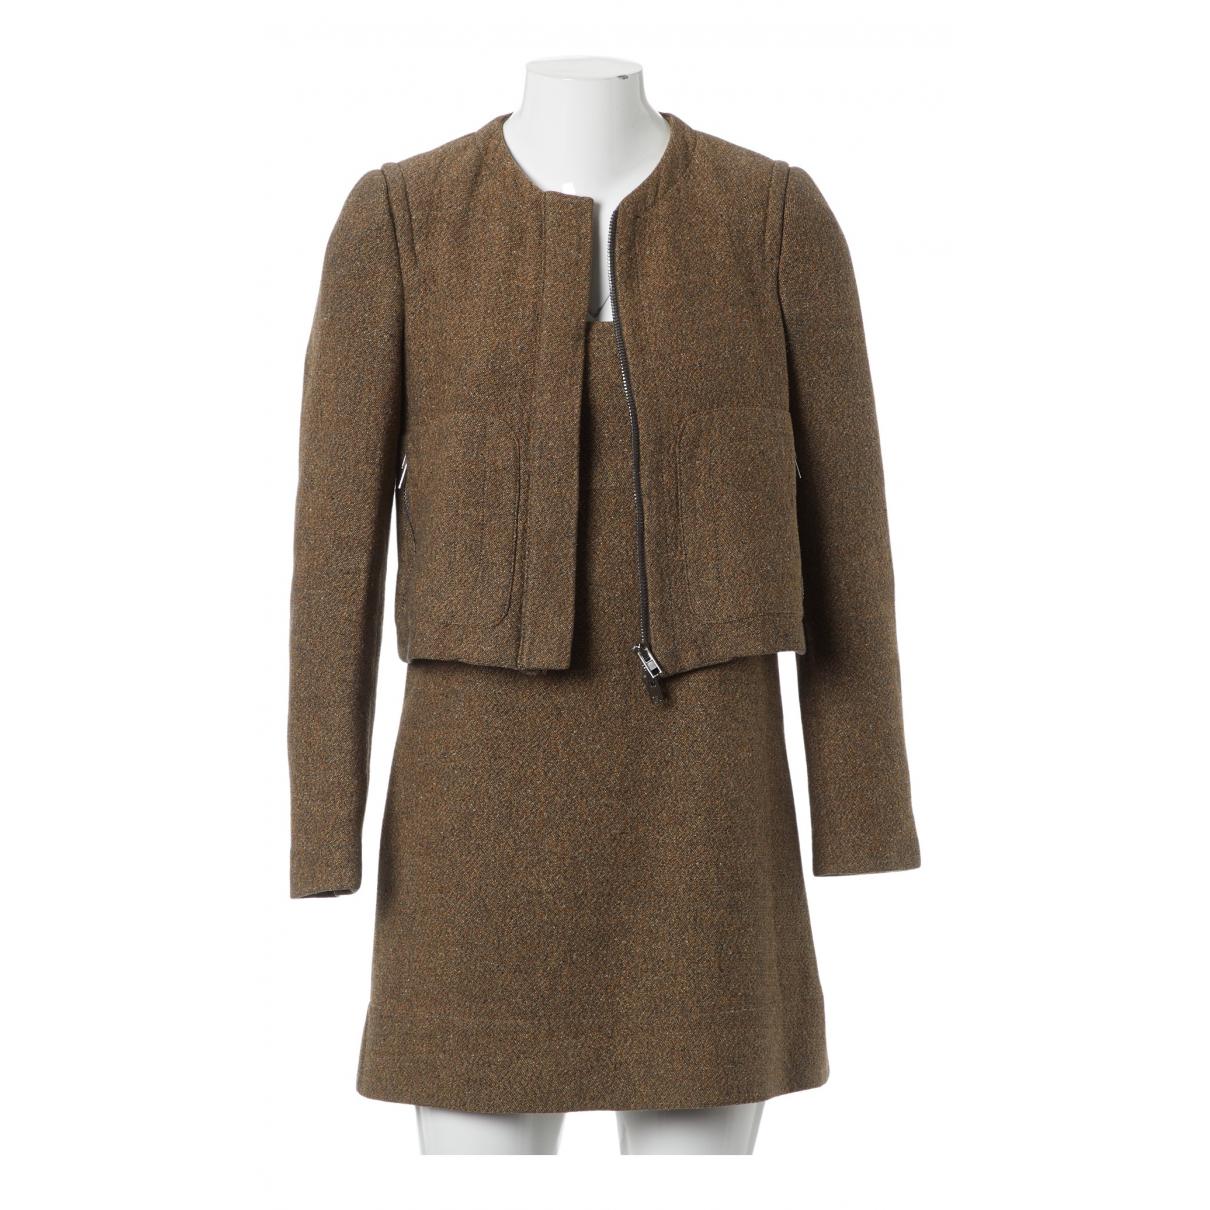 Stella Mccartney \N Brown Tweed jacket for Women 38 IT